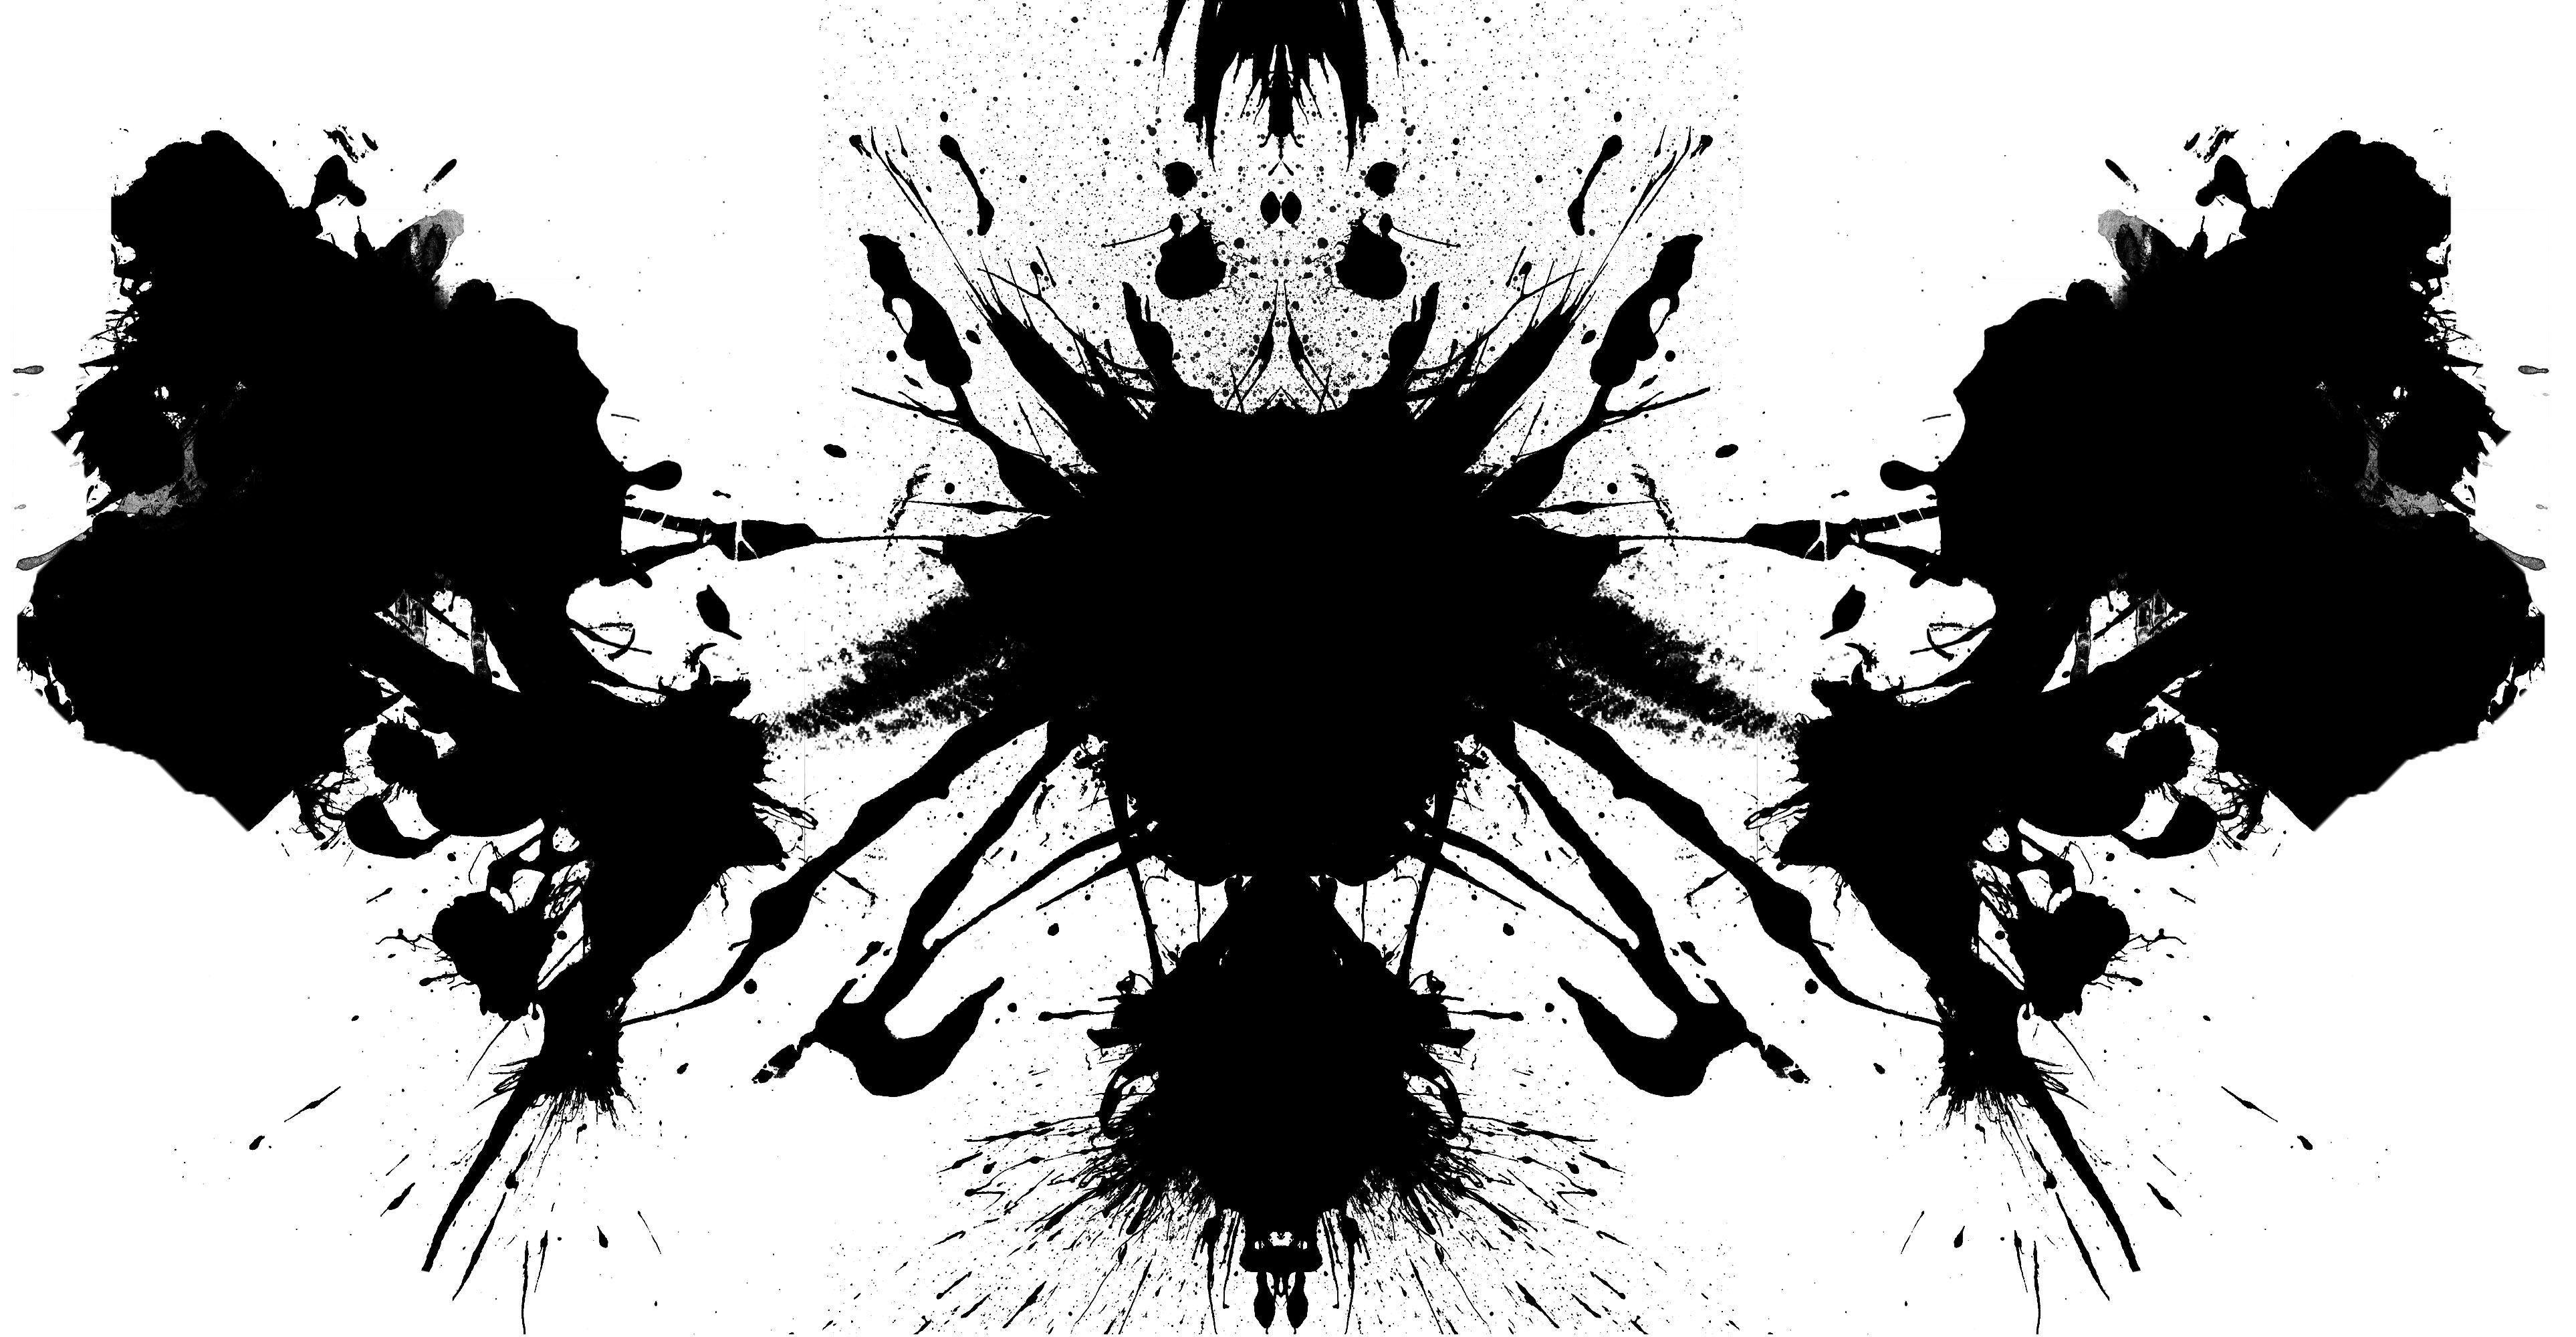 black and white rorschach test Art | artsies | Pinterest | Rorschach .